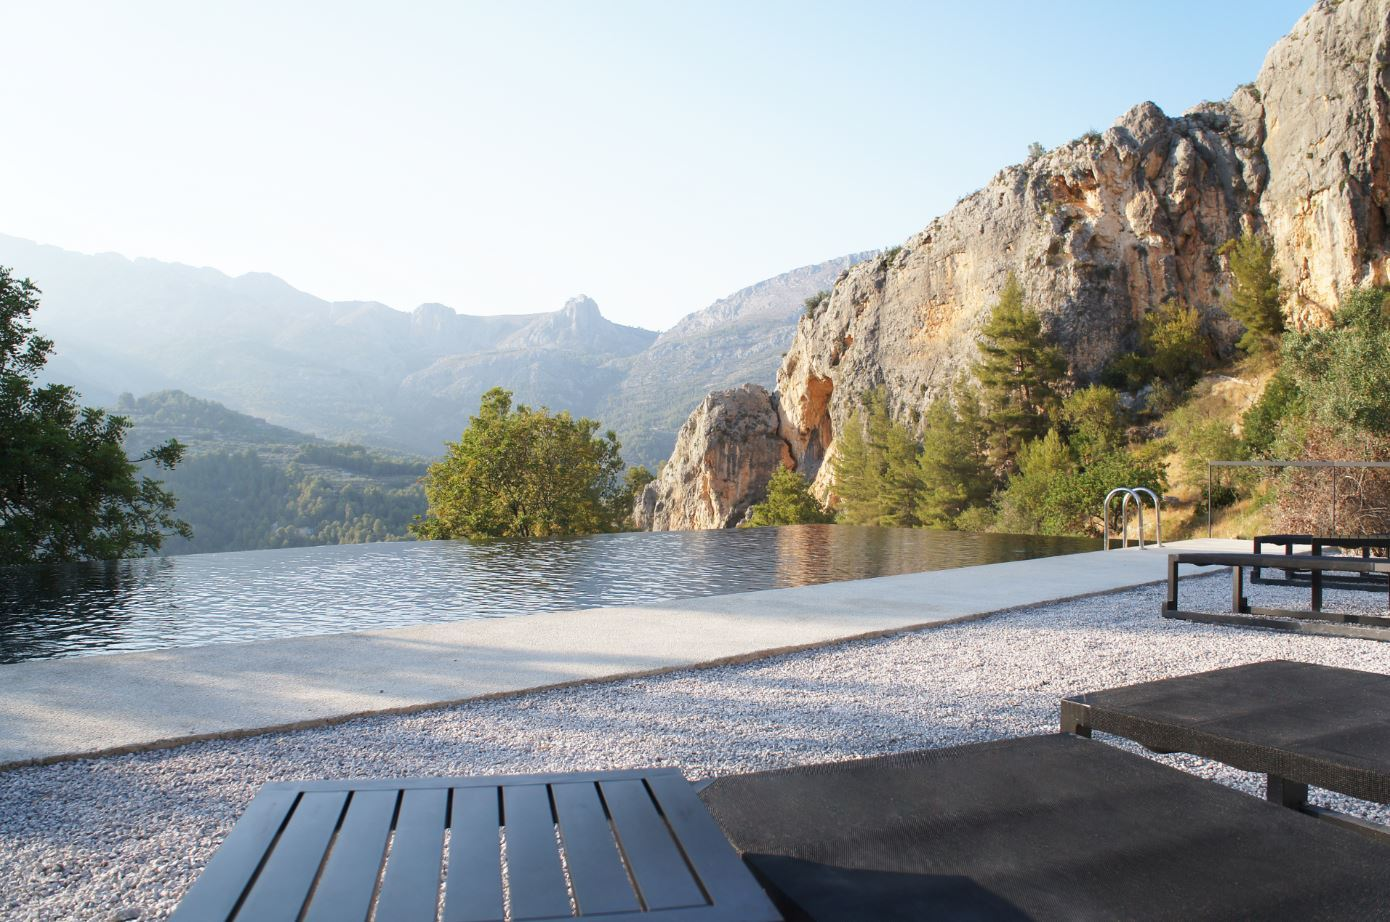 Piscina del hotel Vivood Landscape en Alicante.